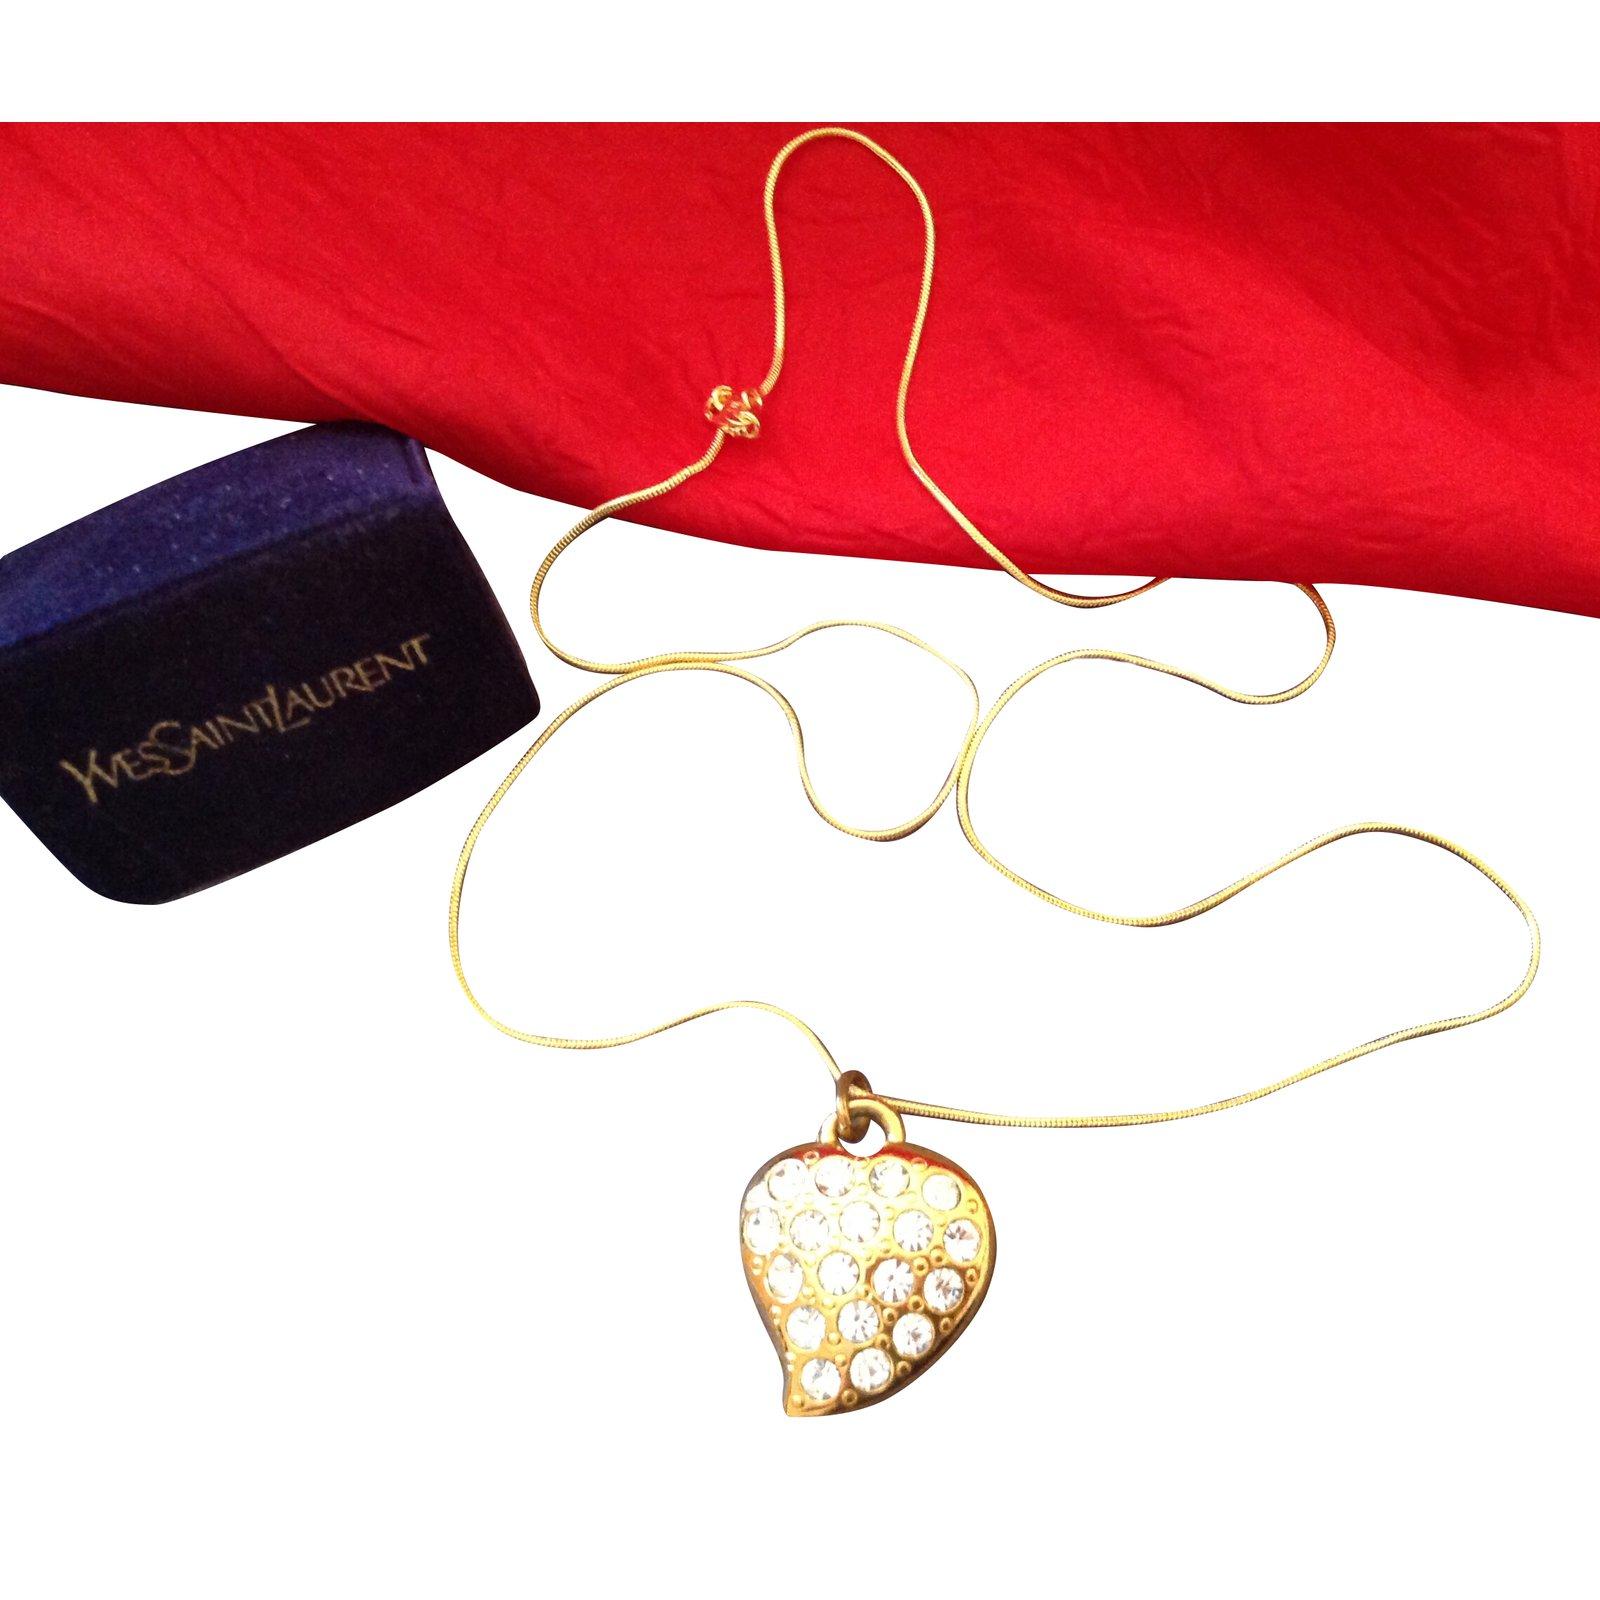 f6f2297d4d0 Yves Saint Laurent Pendant necklace Pendant necklaces Other Golden ref.37915